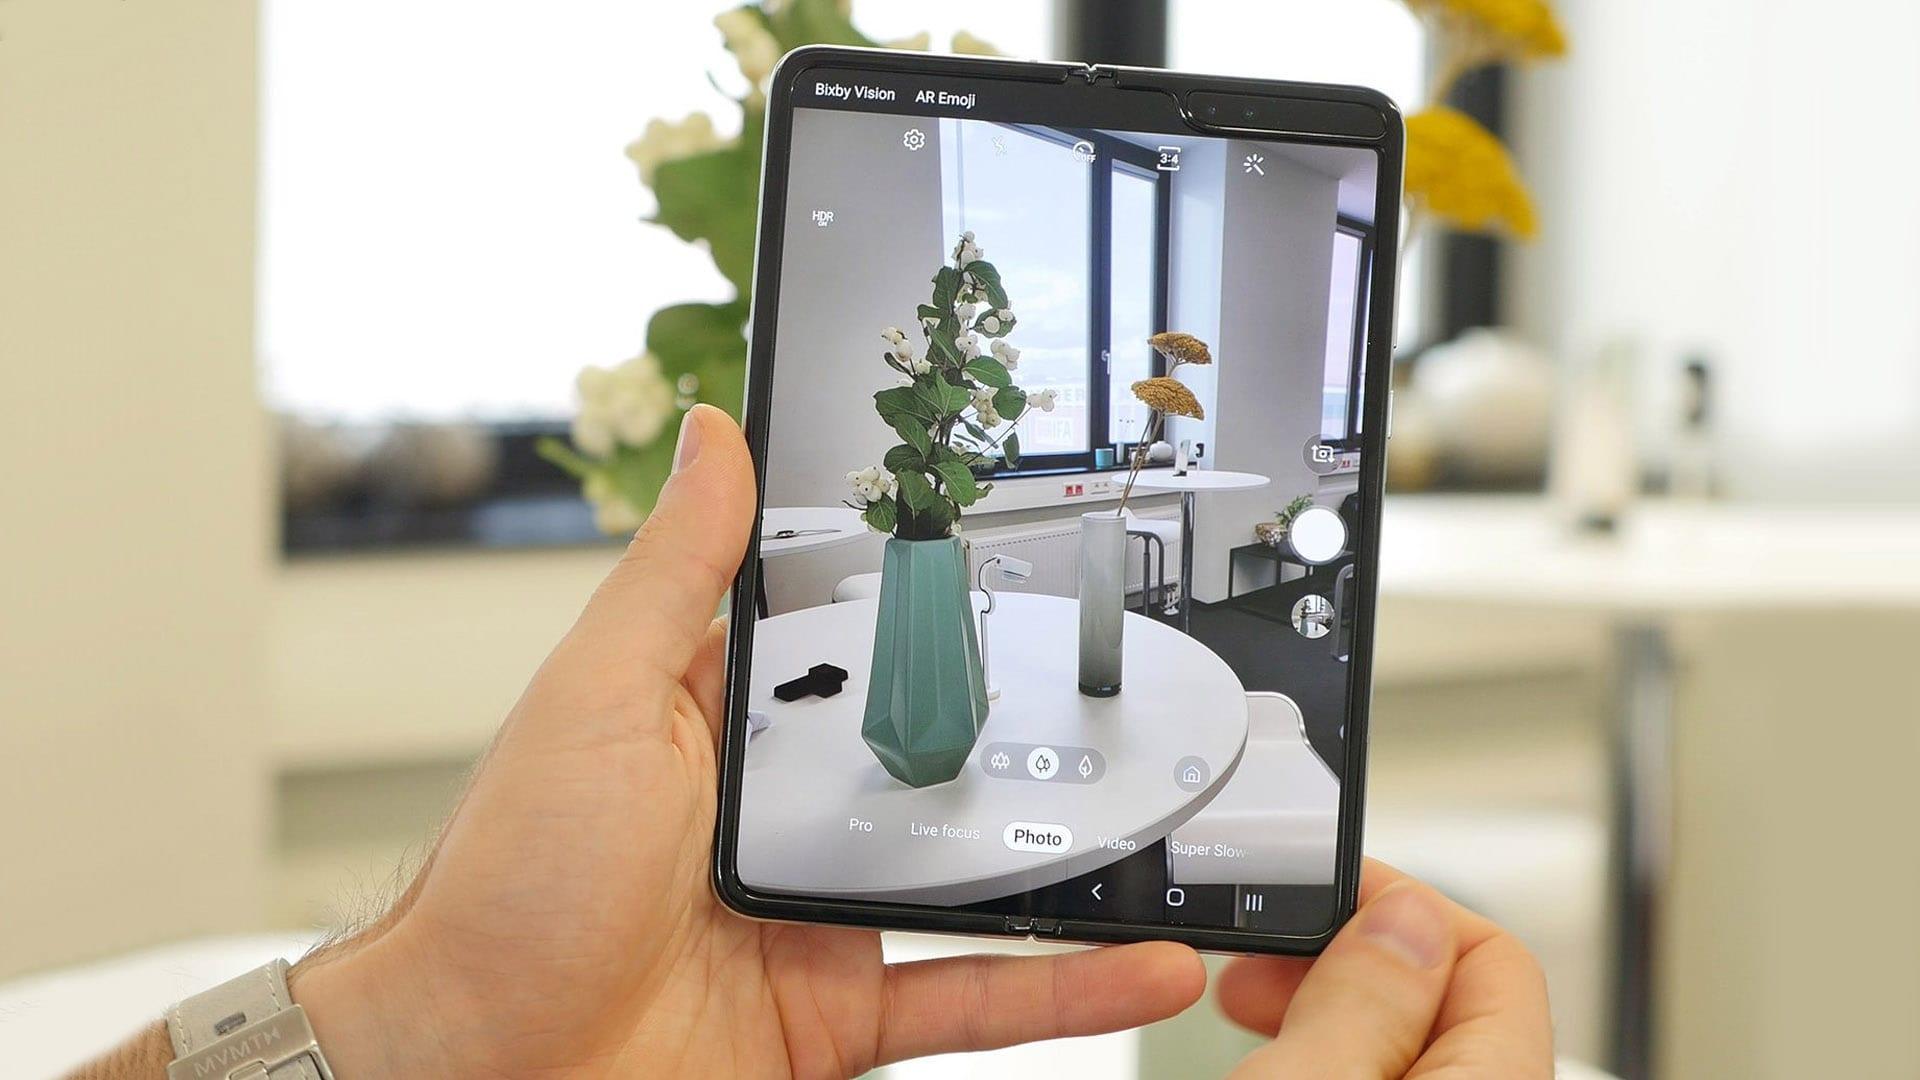 تحديث جديد لهاتف Galaxy Fold يضيف إليه ميزات كاميرا Galaxy Note 10